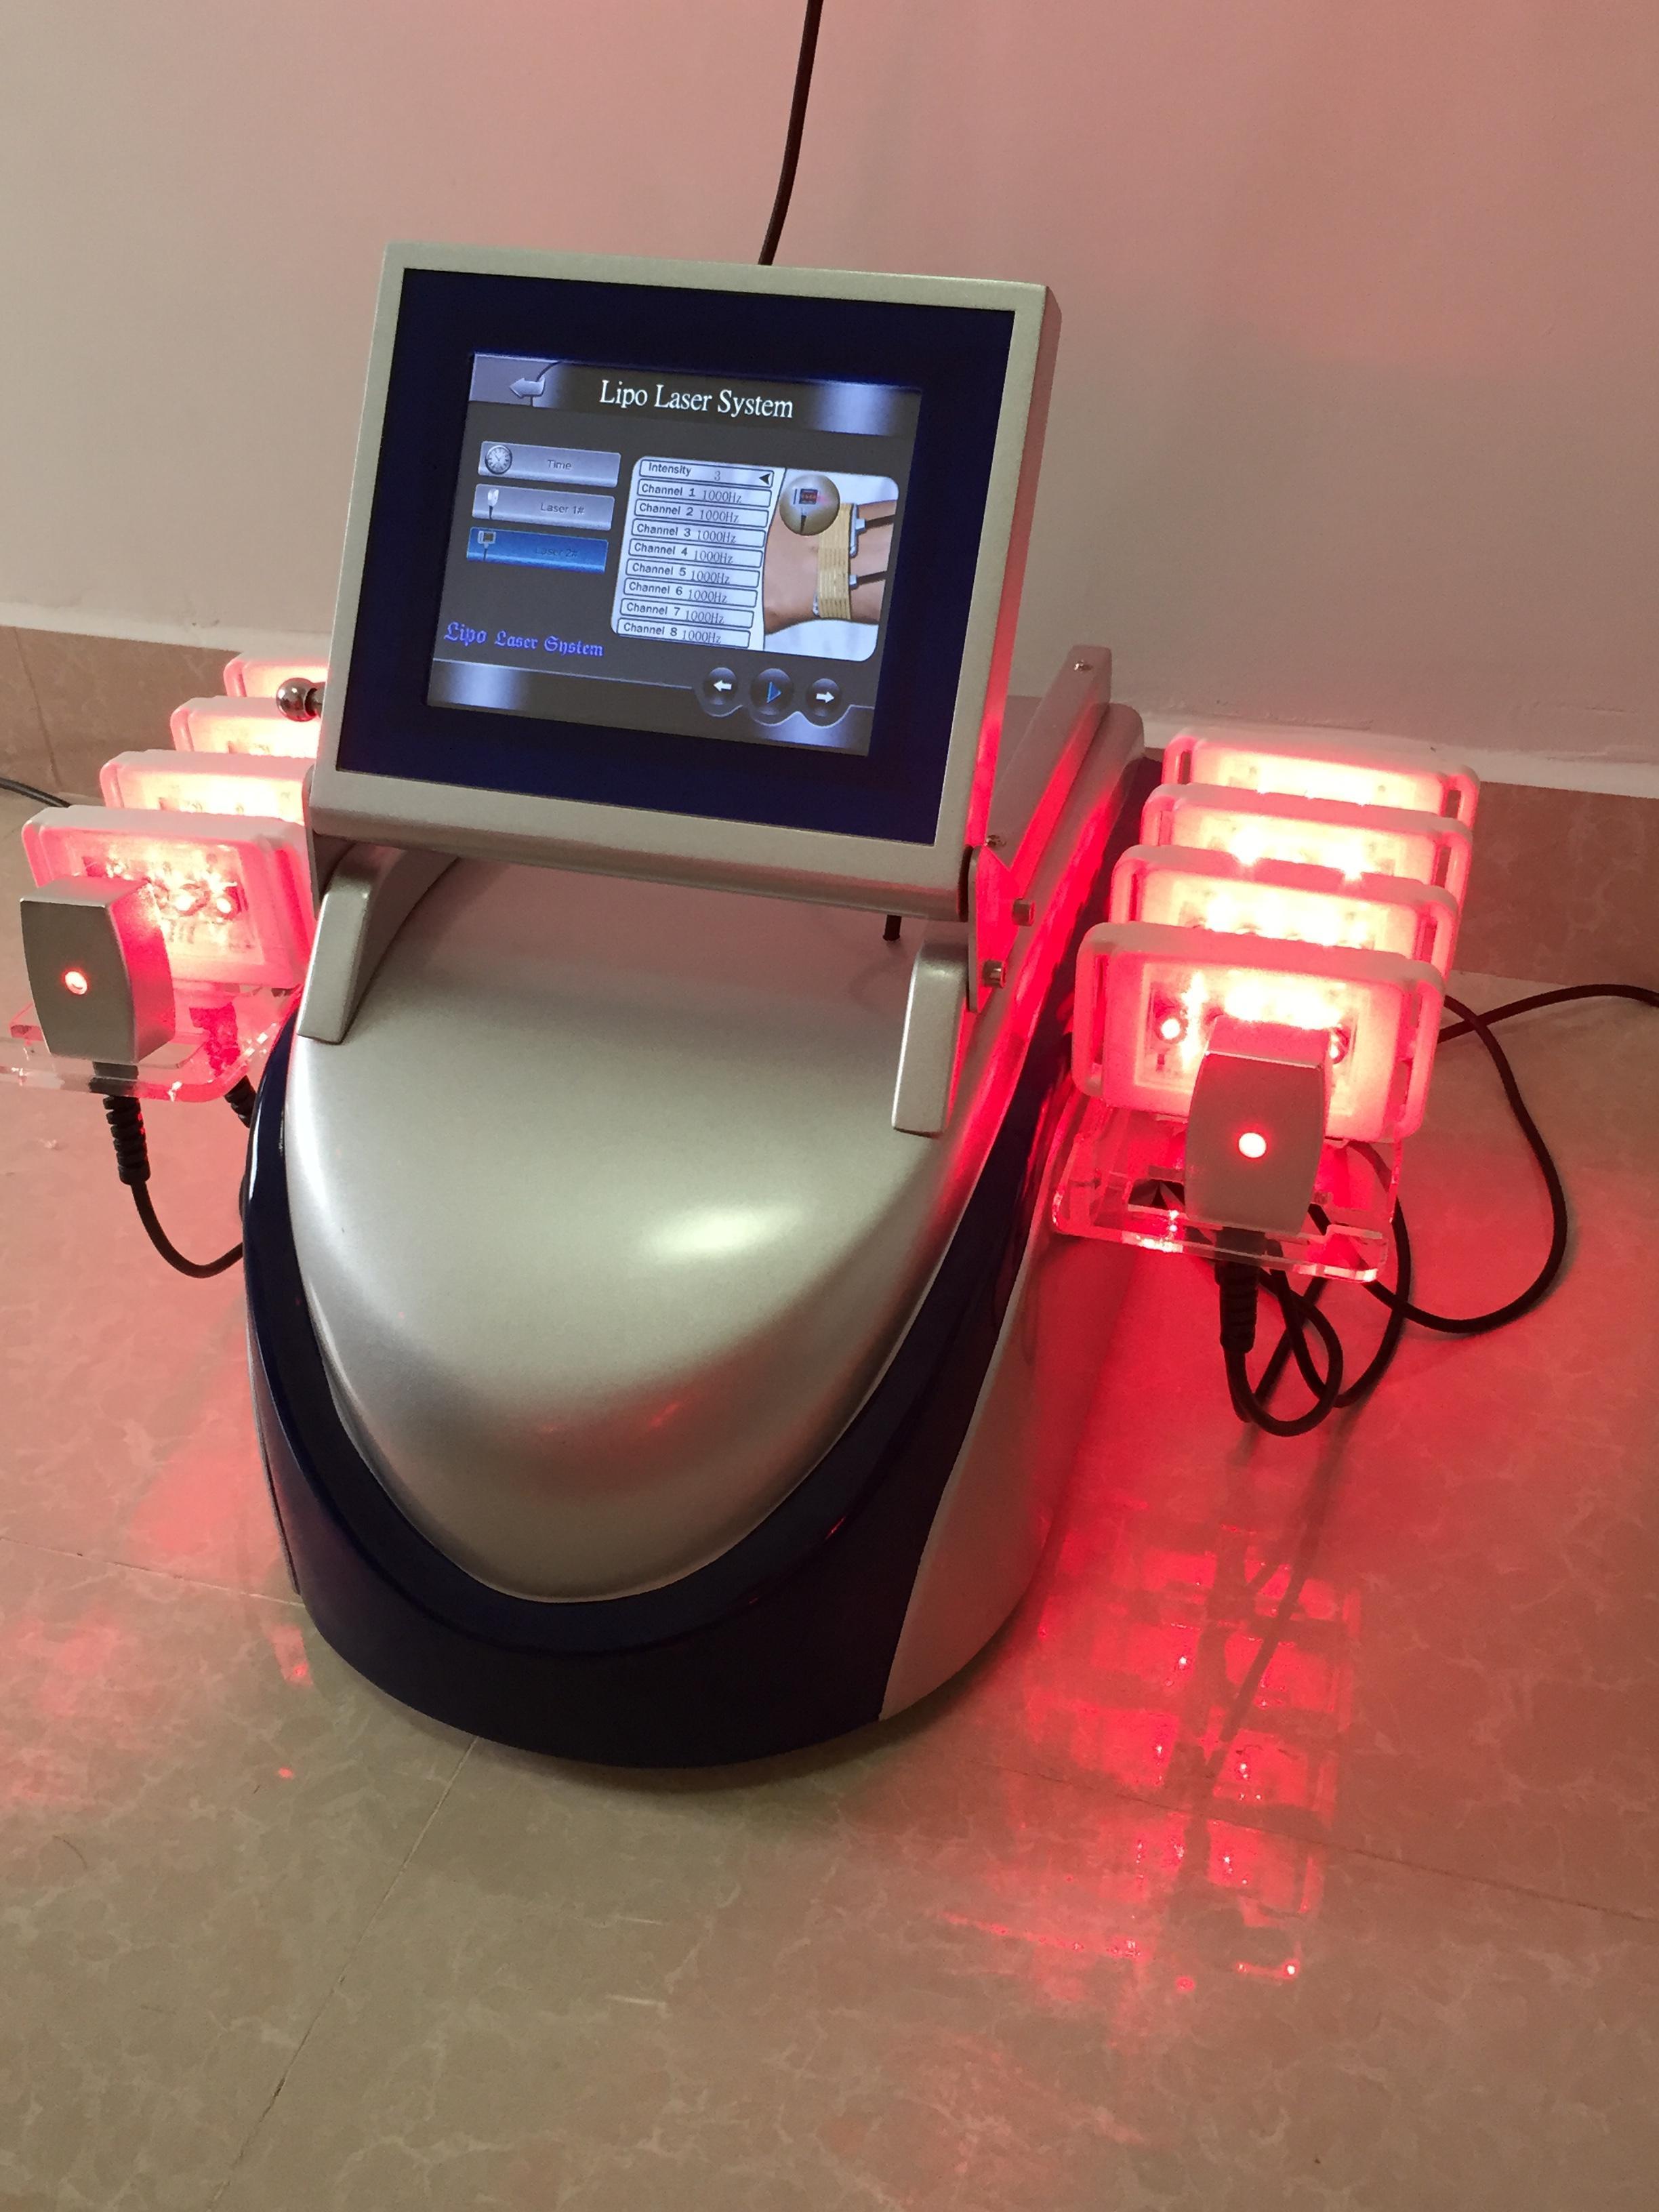 레이저 lipolysis 치료 lipolaser 슬리밍 기계 체중 감량 셀룰 라이트 감소 lipo 레이저 장치